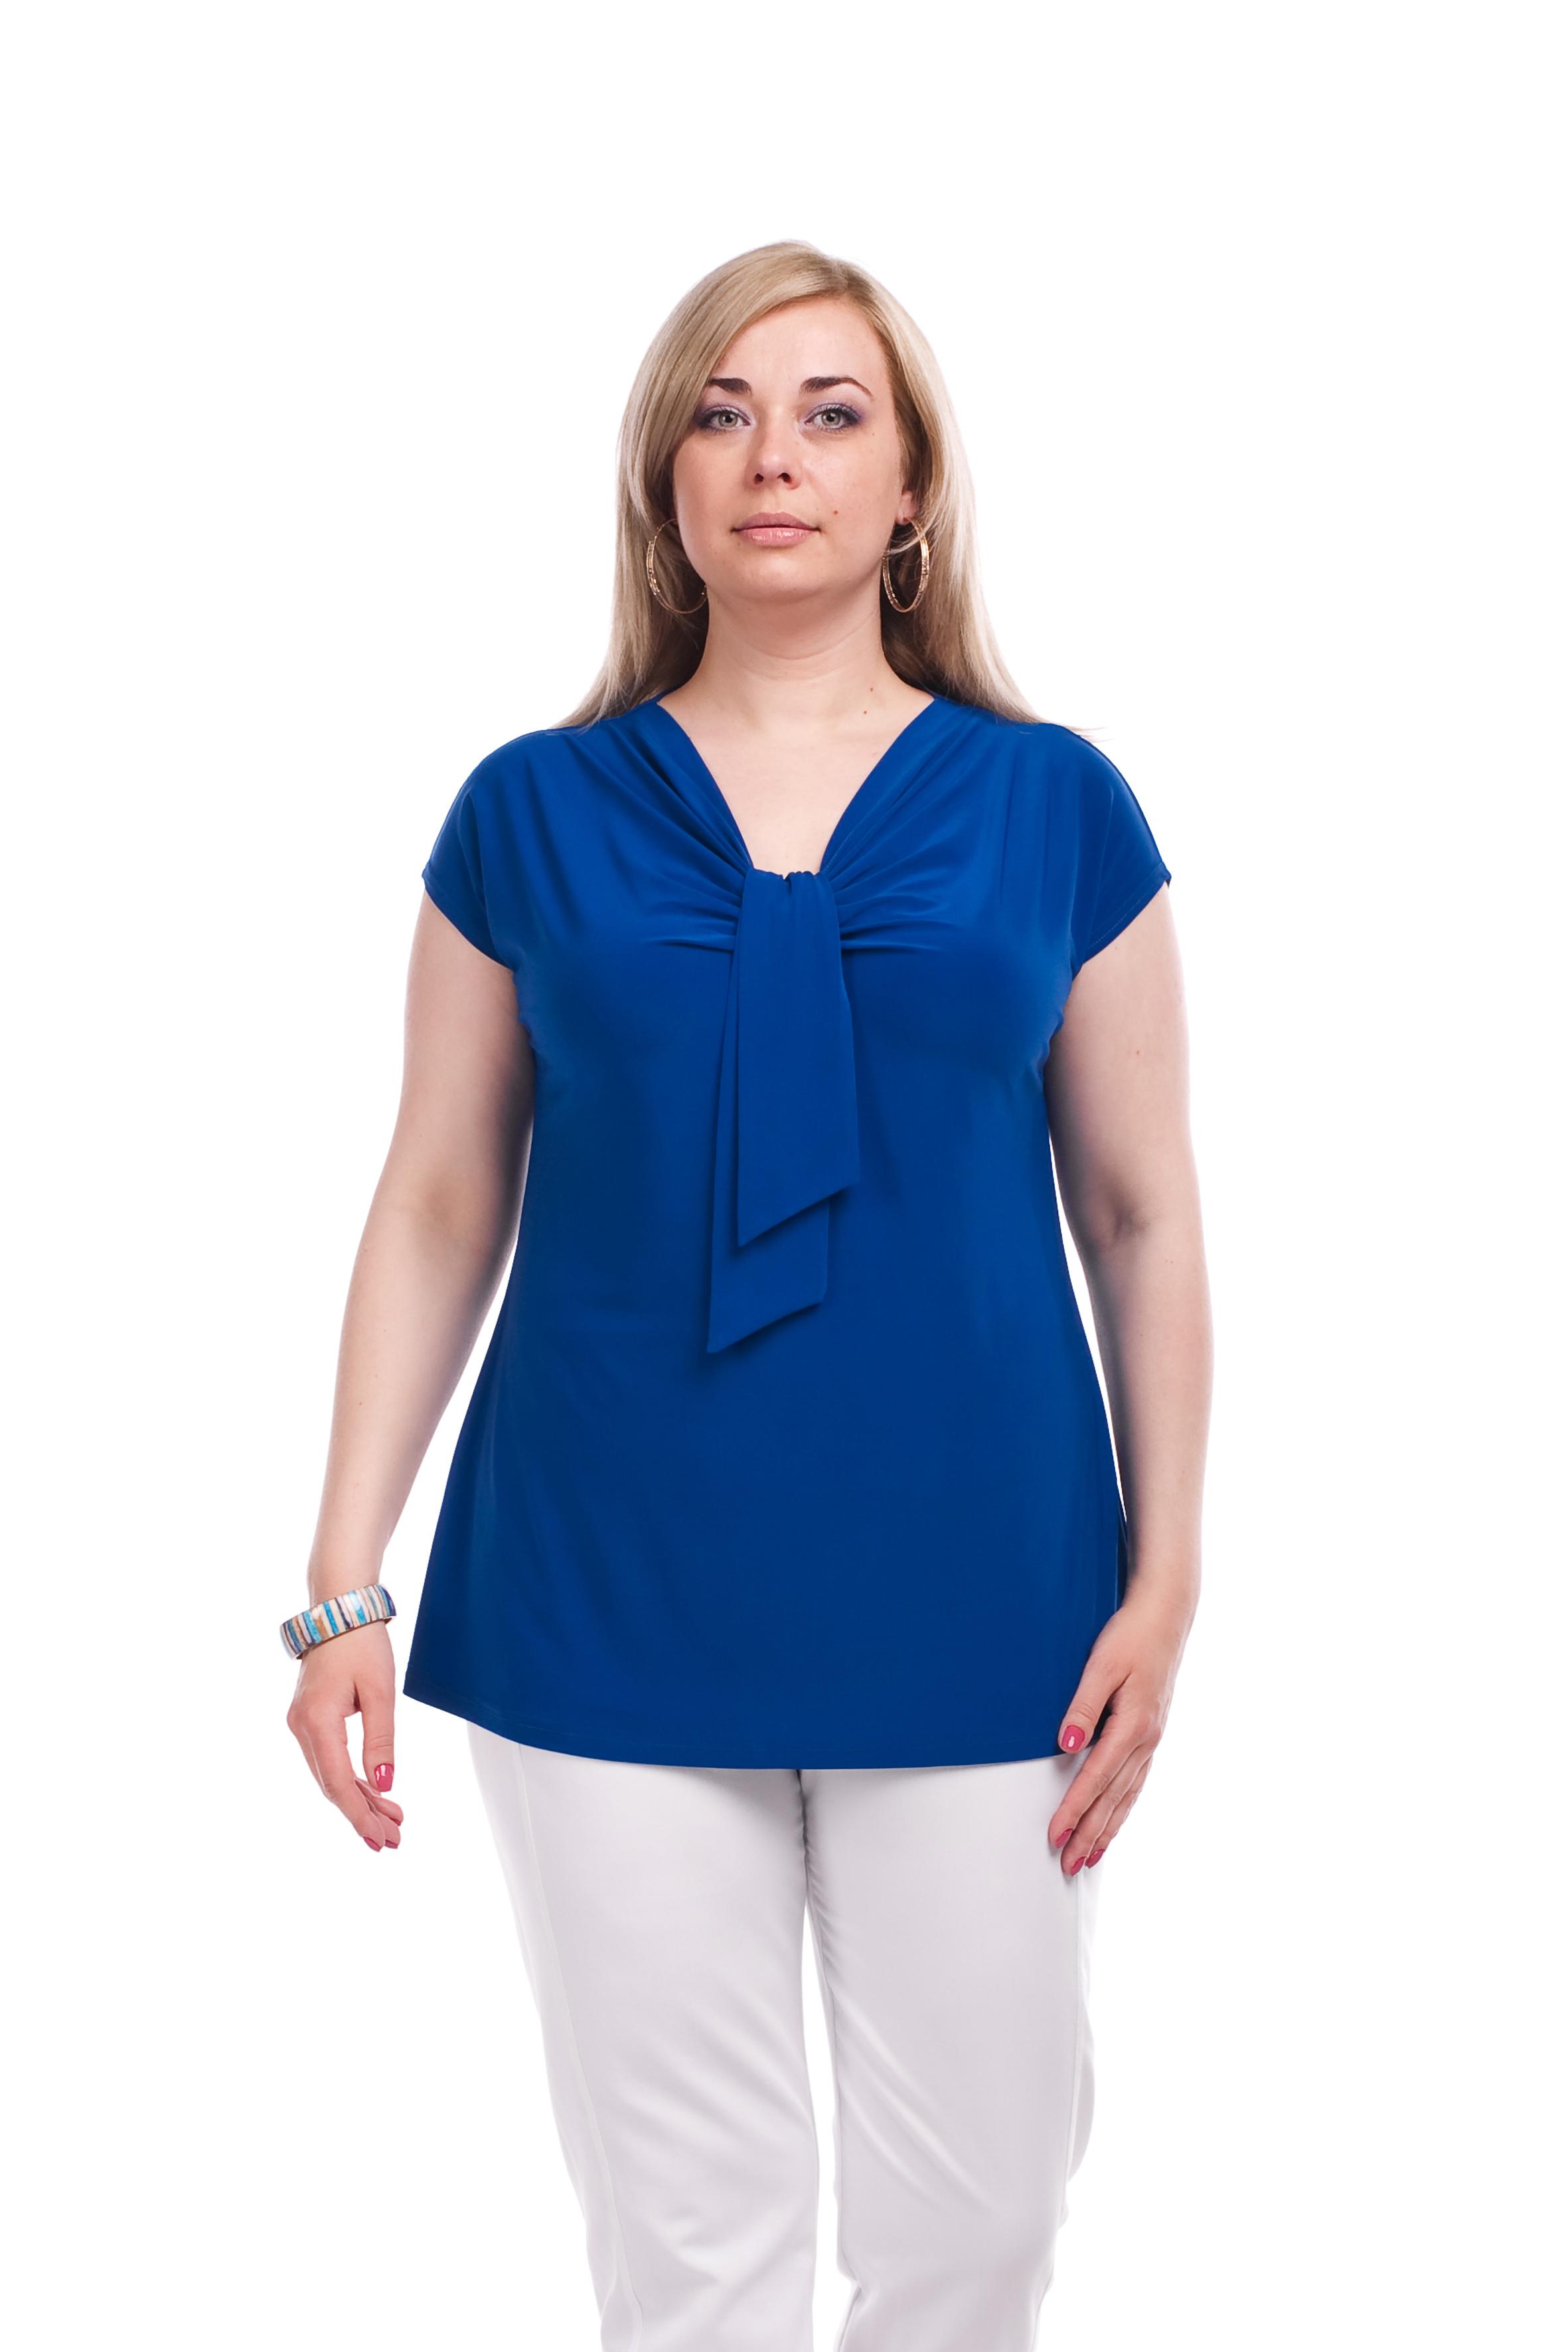 БлузкаБлузки<br>Однотонная женская блузка полуприталенного силуэта с декоративным элементом на груди. Модель выполнена из приятного трикотажа. Отличный выбор для любого случая.  Цвет: синий  Рост девушки-фотомодели 173 см<br><br>По образу: Город,Свидание<br>По стилю: Повседневный стиль<br>По материалу: Вискоза,Трикотаж<br>По рисунку: Однотонные<br>По сезону: Всесезон,Весна,Зима,Лето,Осень<br>По силуэту: Полуприталенные<br>По элементам: С декором,Со складками<br>Рукав: Короткий рукав<br>Горловина: V- горловина<br>Размер: 62,64<br>Материал: 60% вискоза 30% полиэстер 10% эластан<br>Количество в наличии: 1